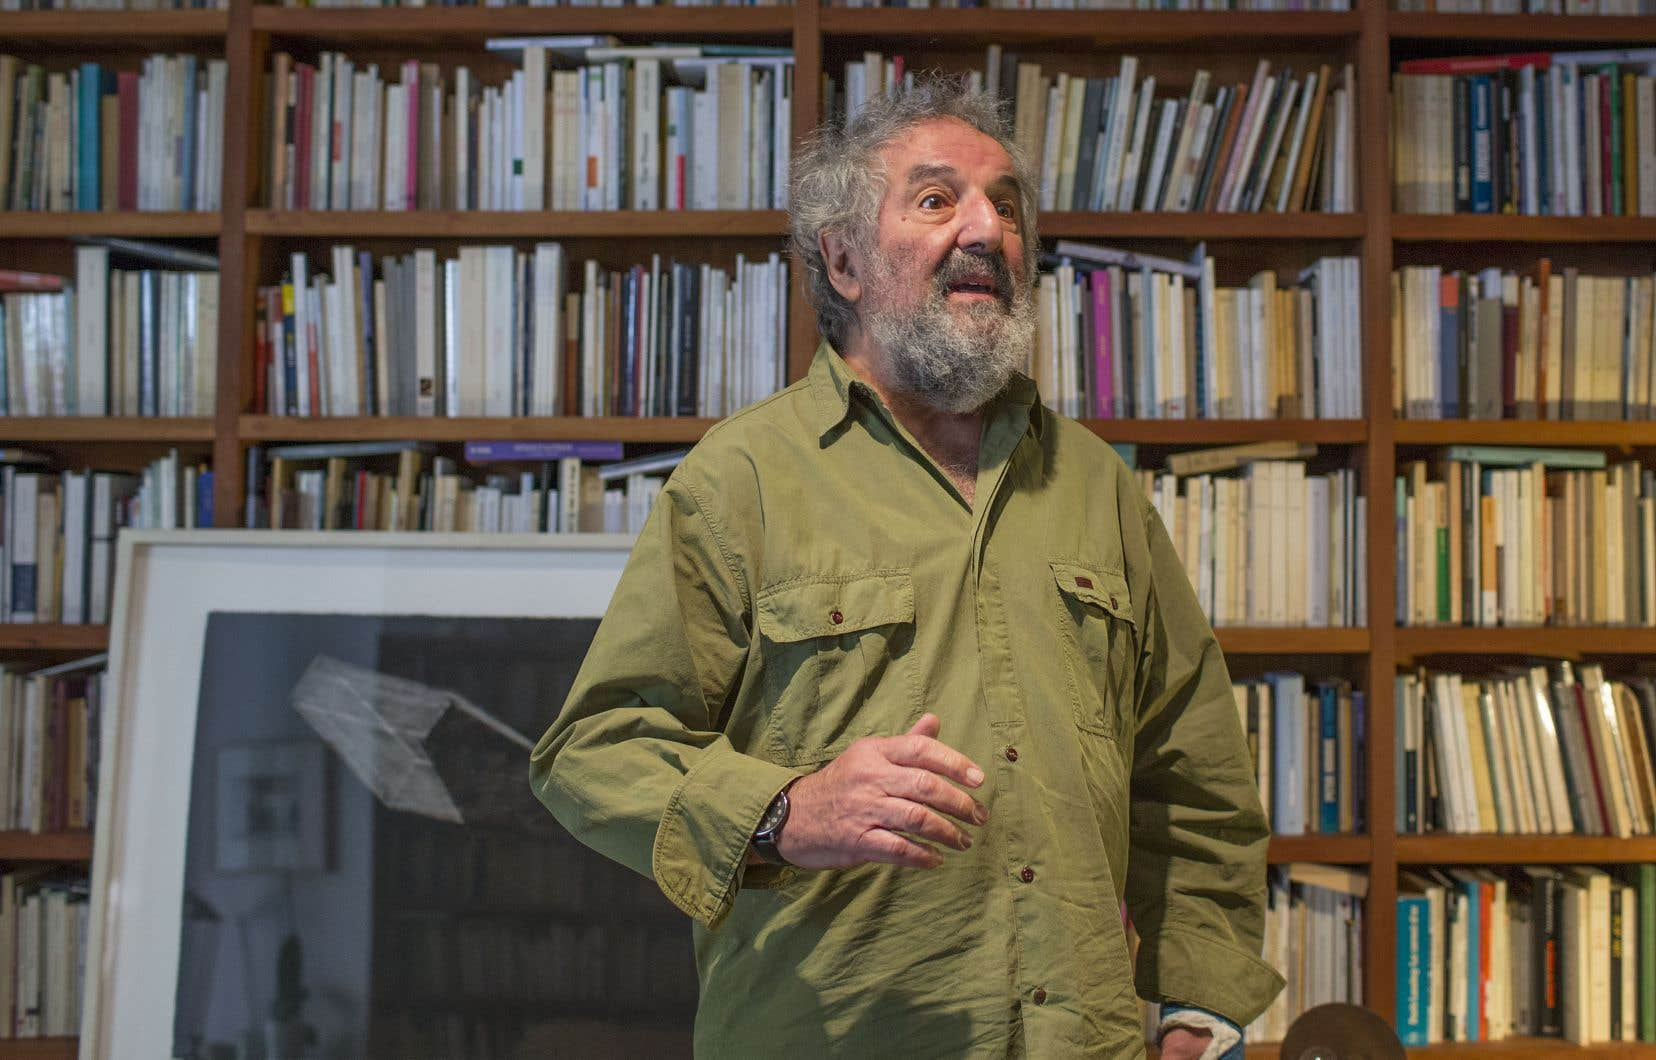 Cet activiste culturel sans le titre et auteur prolifique, qu'on se plaisait encore à lire dans chaque fascicule de la Fondation Molinari, tire sa révérence. Vraiment? Oui, assure-t-il. Mais pas tout à fait, tant il y a, chez Molinari, de quoi explorer.